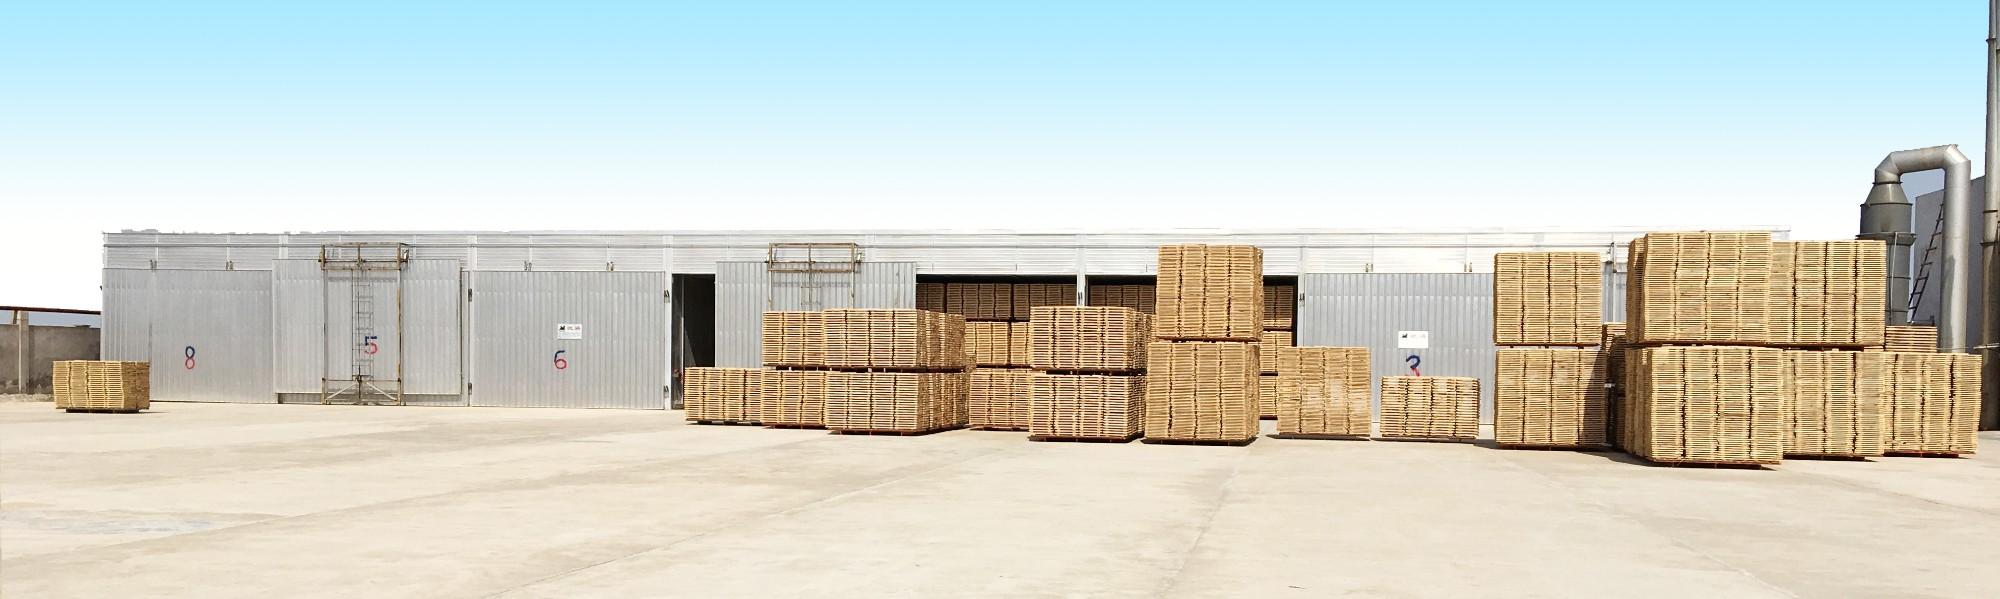 購入木材乾燥窯スチーム,木材乾燥窯スチーム価格,木材乾燥窯スチームブランド,木材乾燥窯スチームメーカー,木材乾燥窯スチーム市場,木材乾燥窯スチーム会社